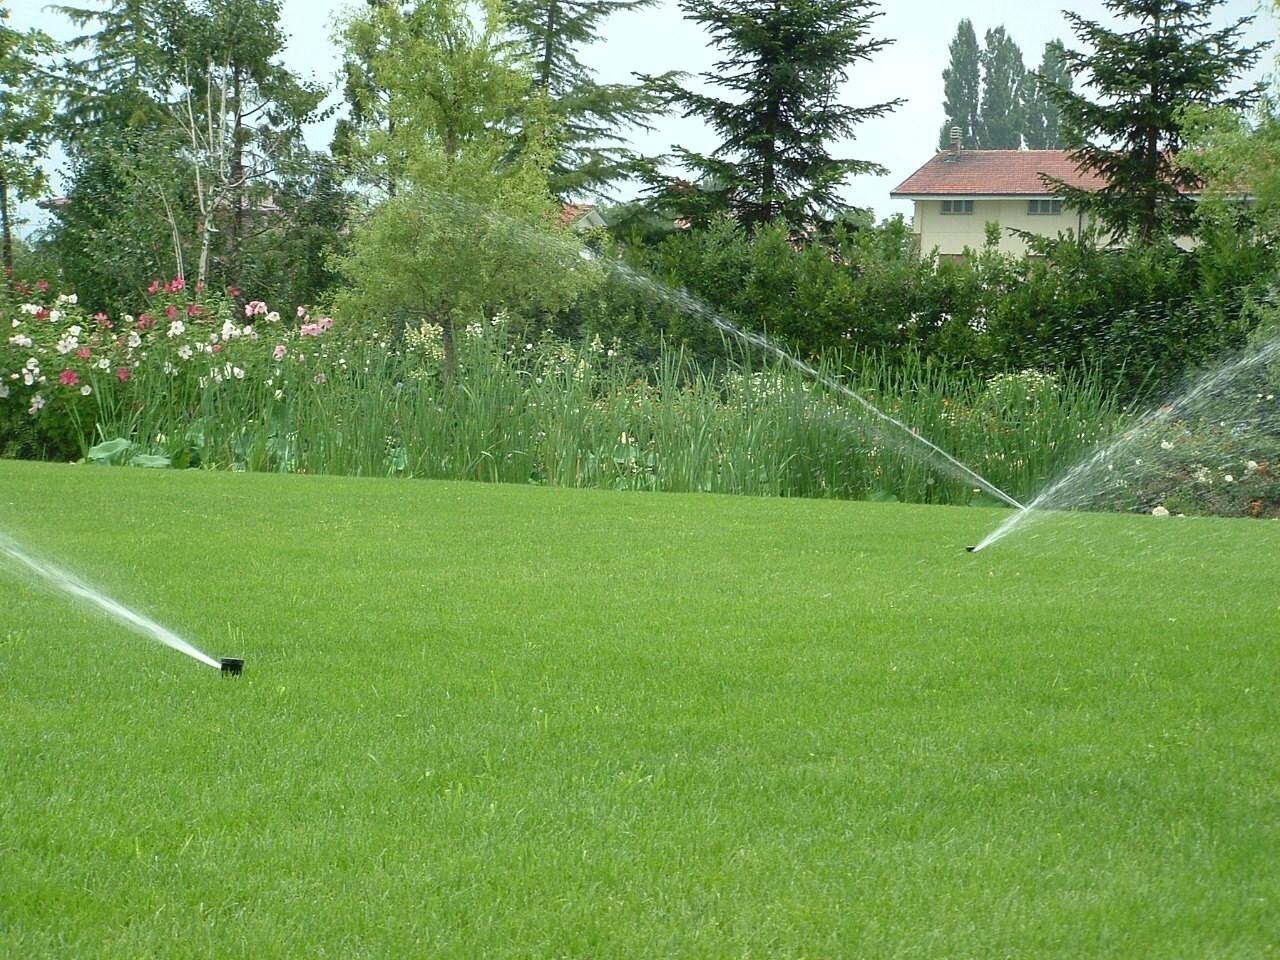 impianto irrigazione giardino gli impianti idraulici